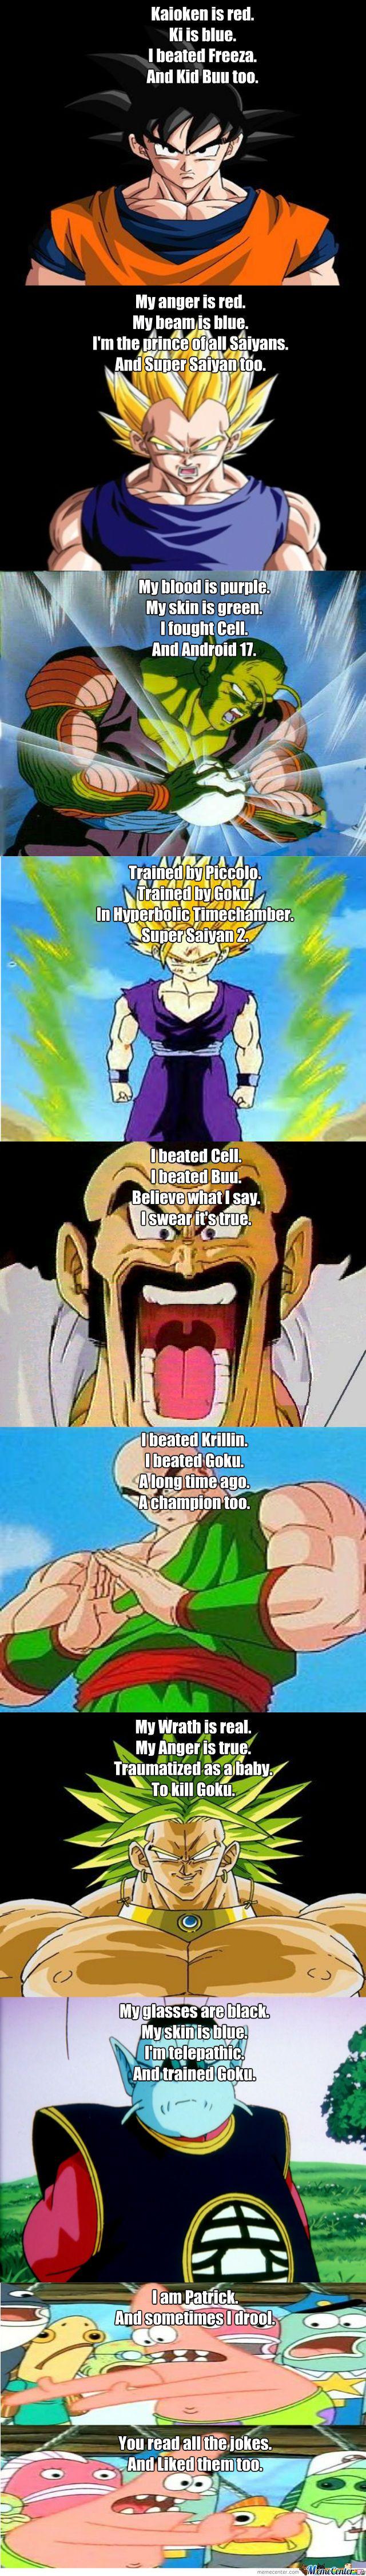 Funny Dragon Ball Z Memes : Funny dbz poems meme center makeup love pinterest